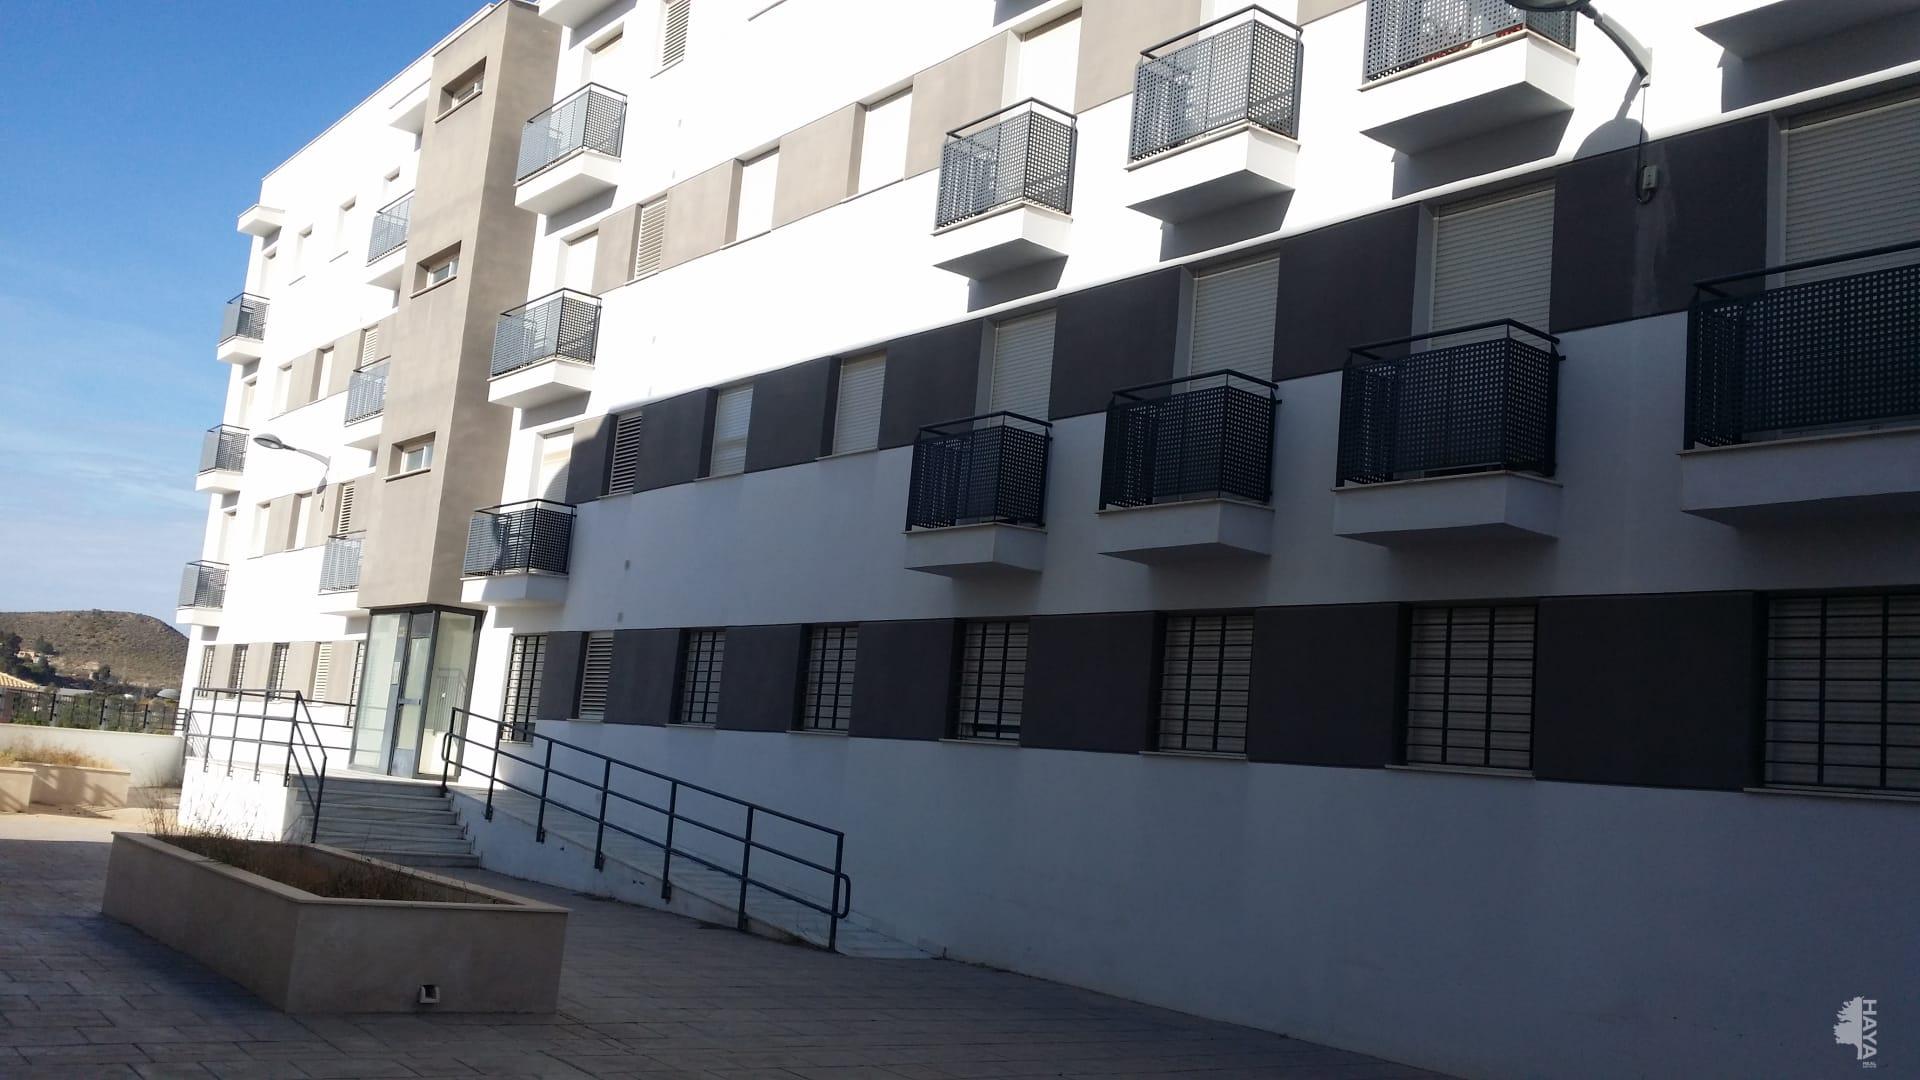 Piso en venta en Huitar Mayor, Olula del Río, Almería, Calle Alta, 78.700 €, 3 habitaciones, 1 baño, 94 m2